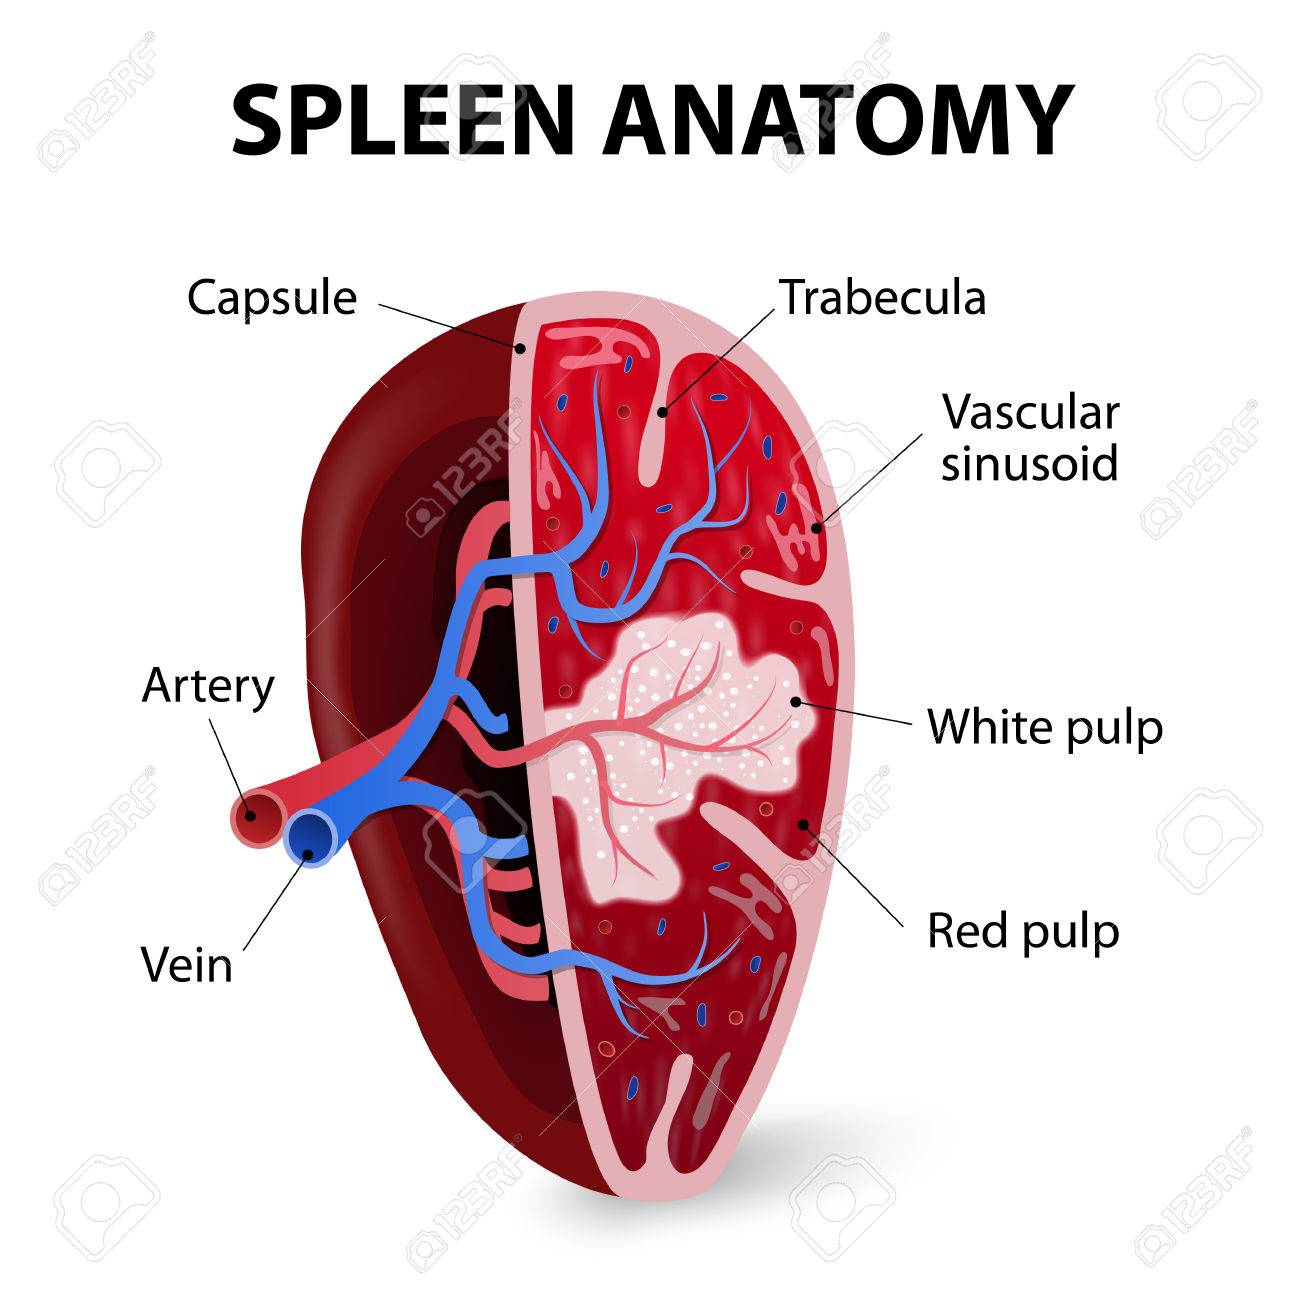 Spleen Stock Photos. Royalty Free Spleen Images